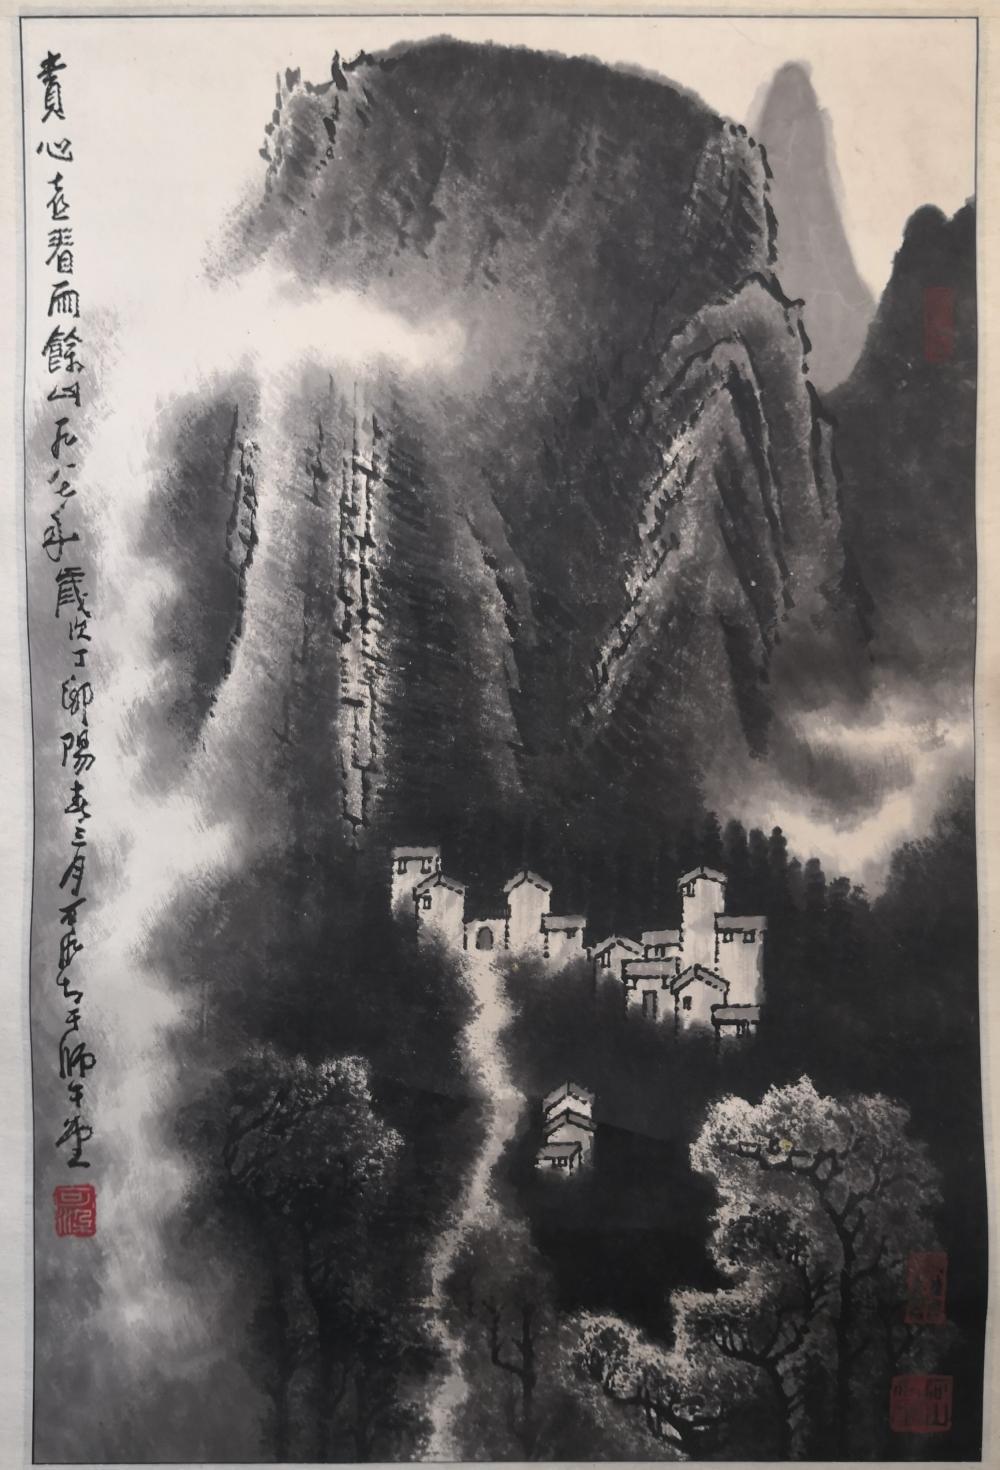 A CHINESE PAINTING BY LI KERAN